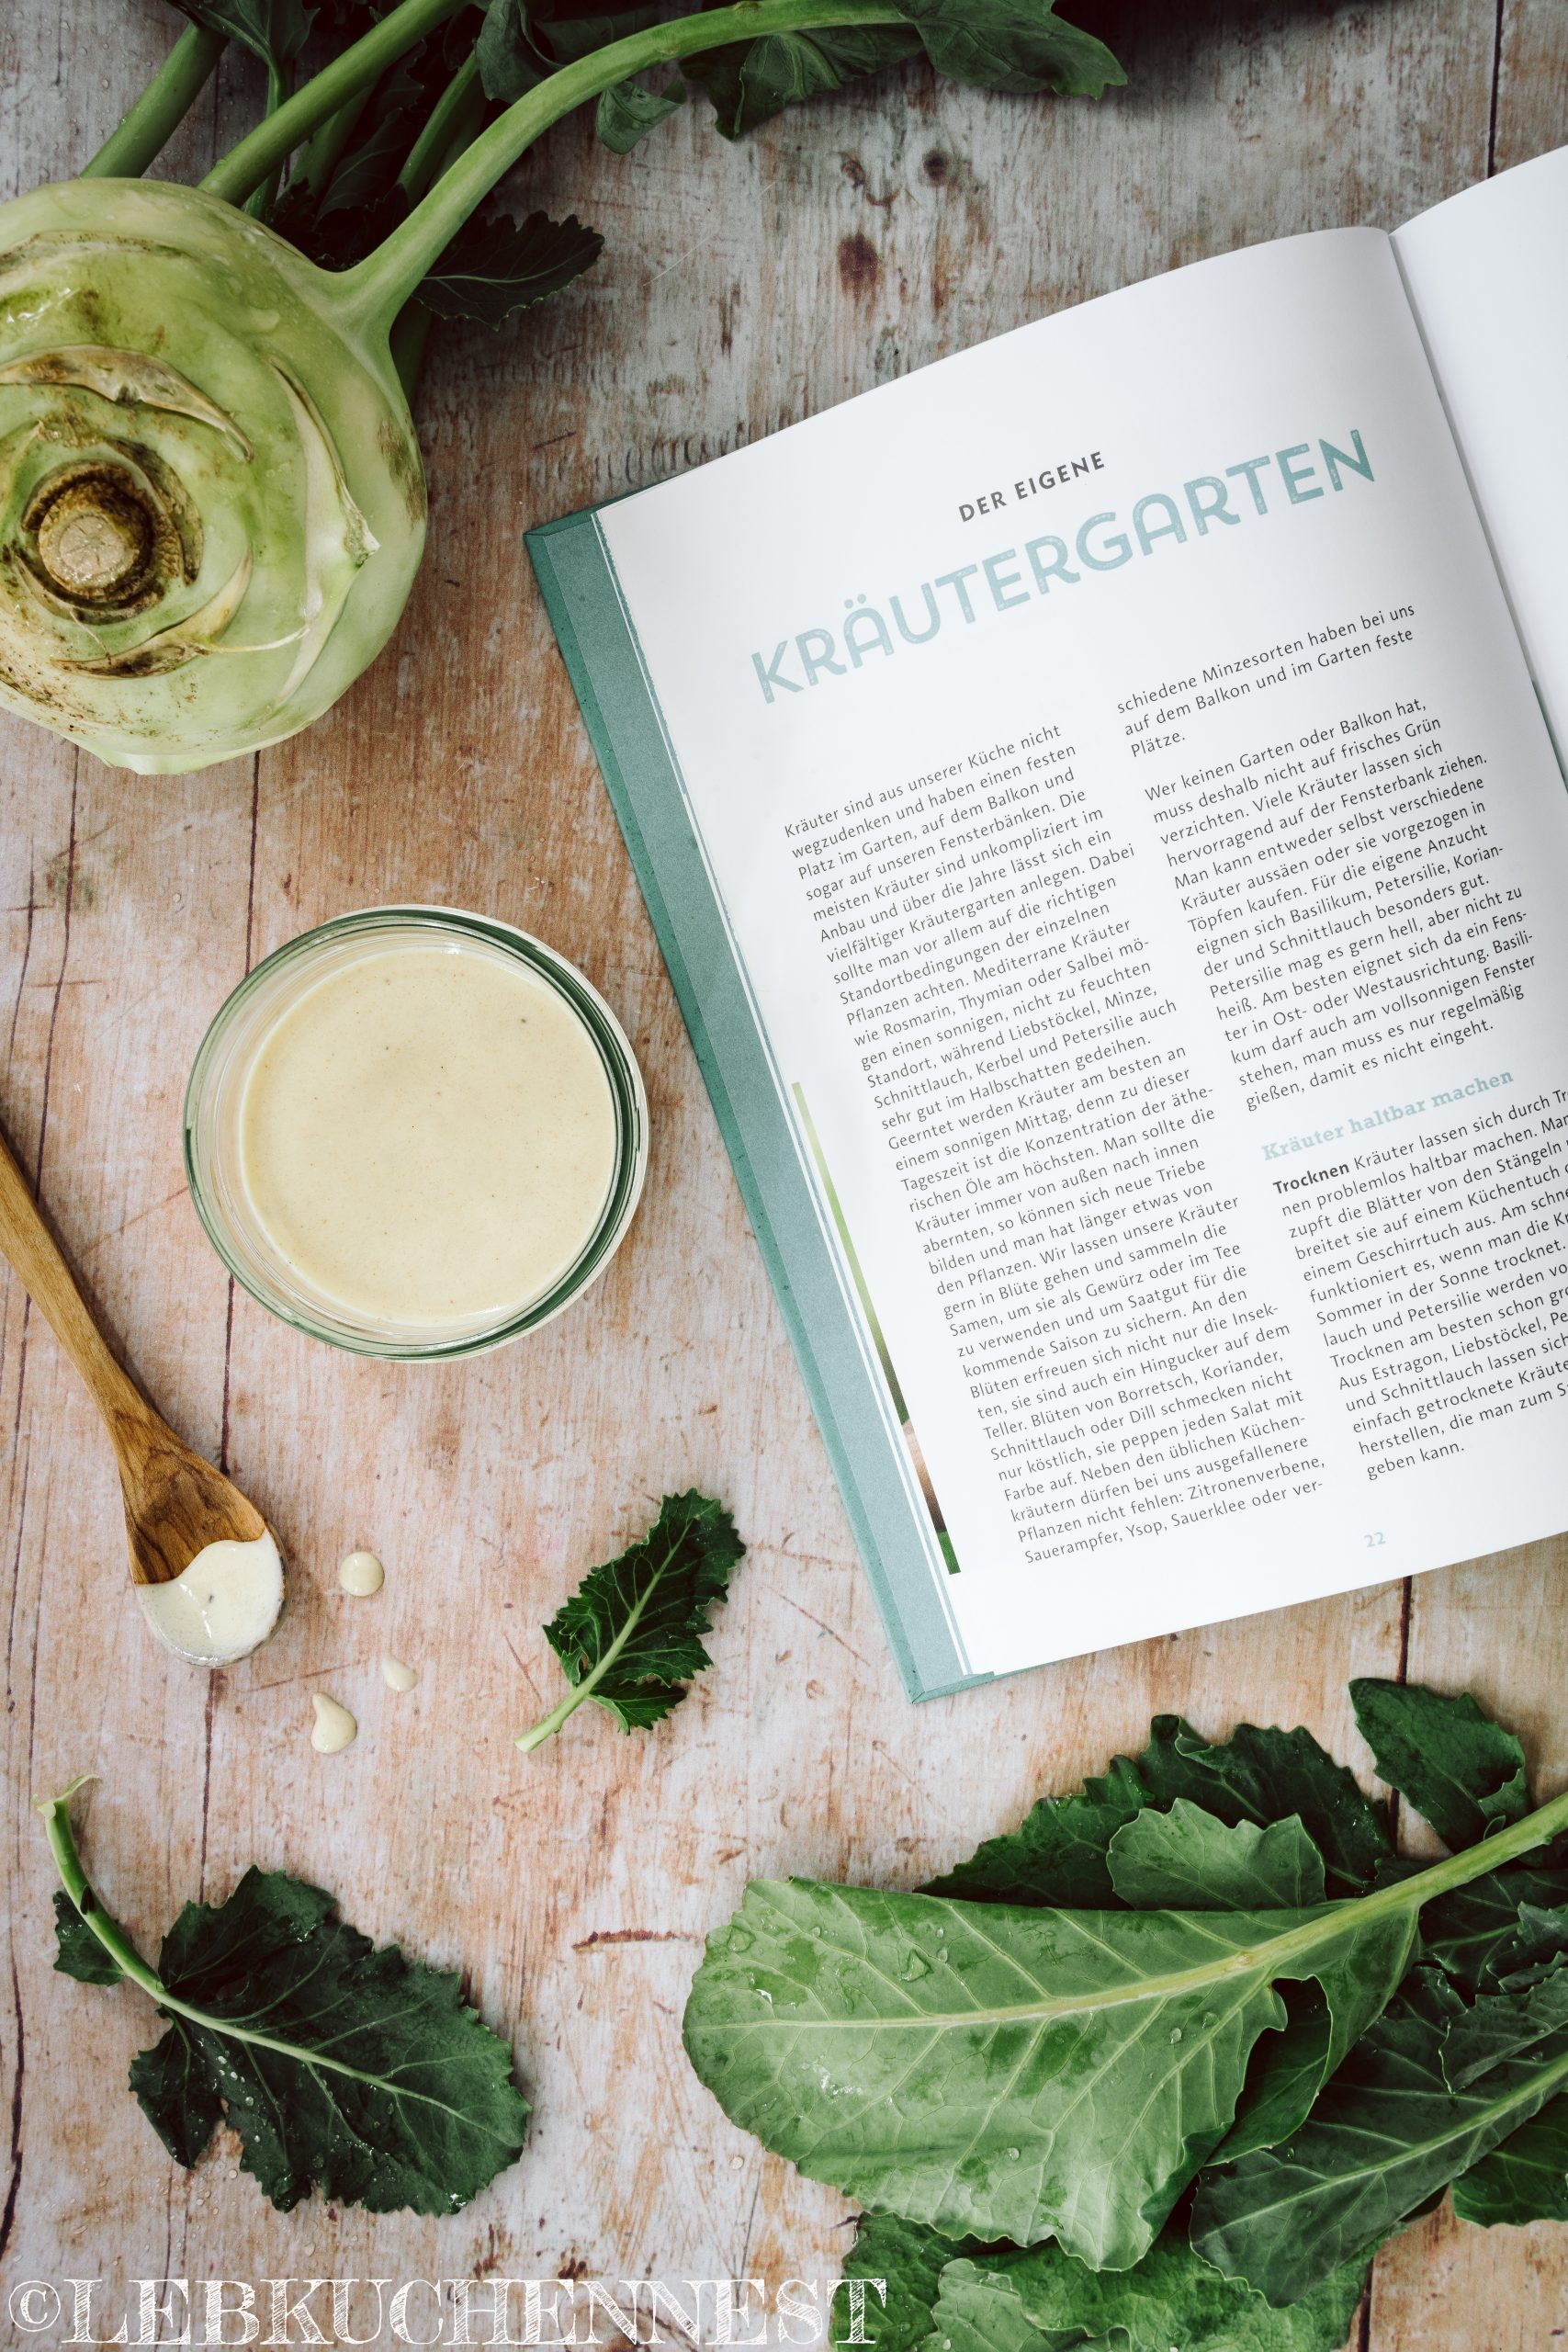 Blick ins Buch von Ye Olde Kitchen - Kochen, Gärtnern, nachhaltig leben